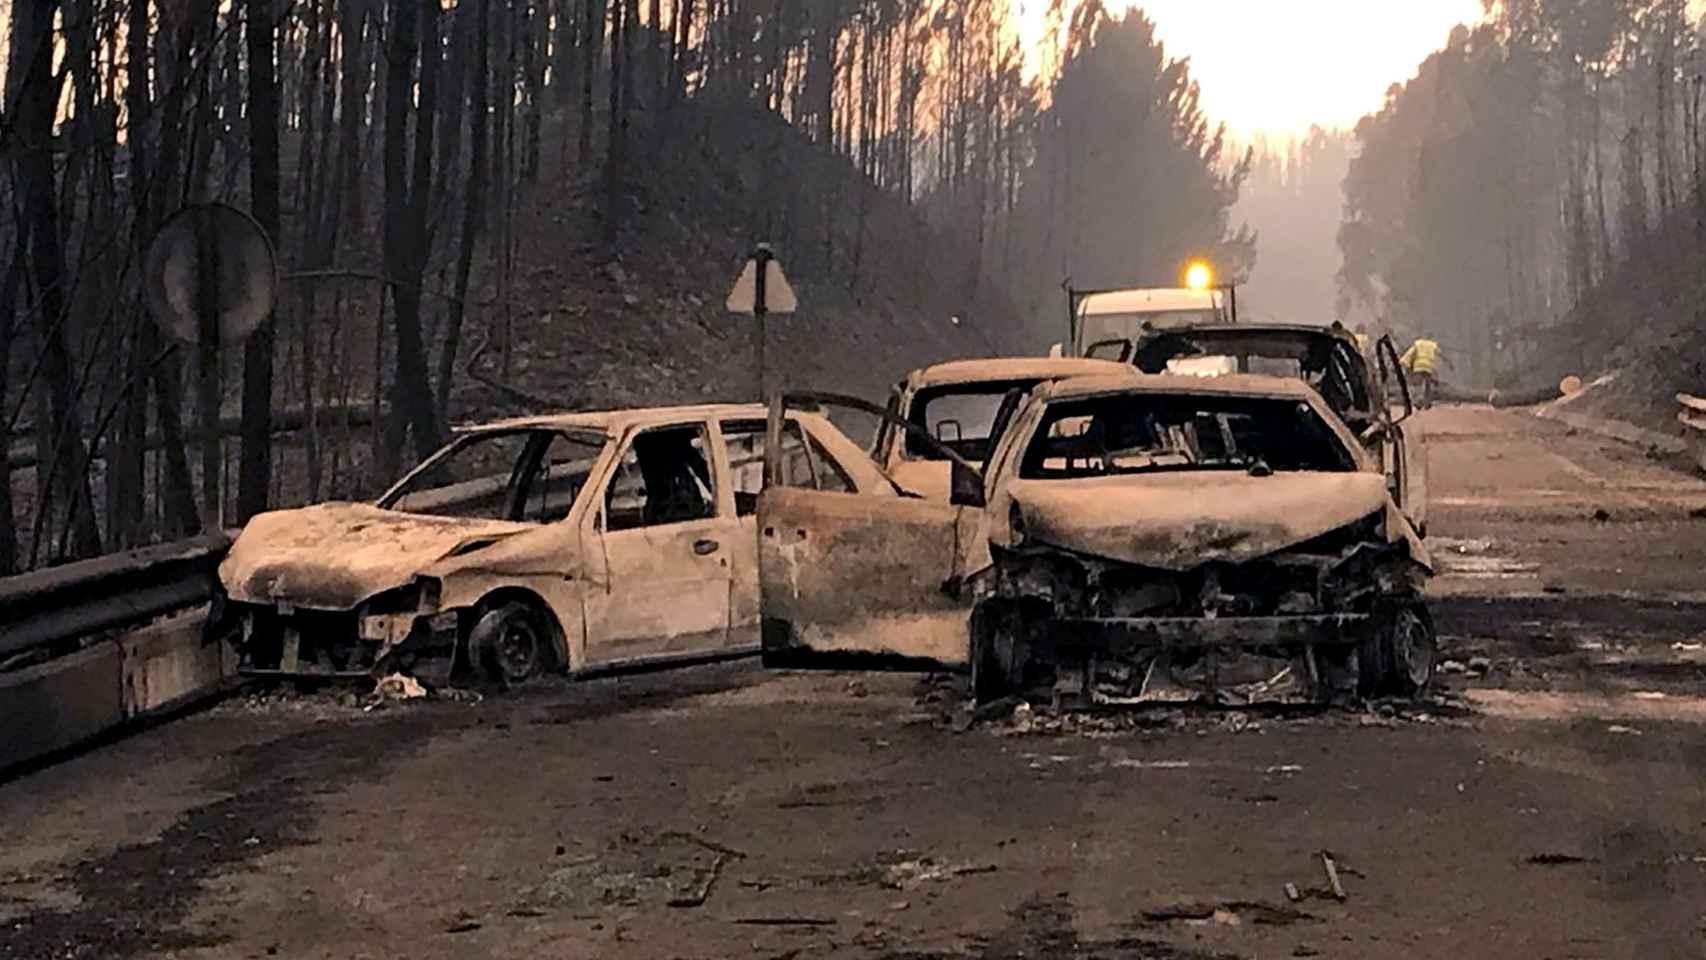 El fuego afectó a vehículos que circulaban por carreteras próximas al fuego.